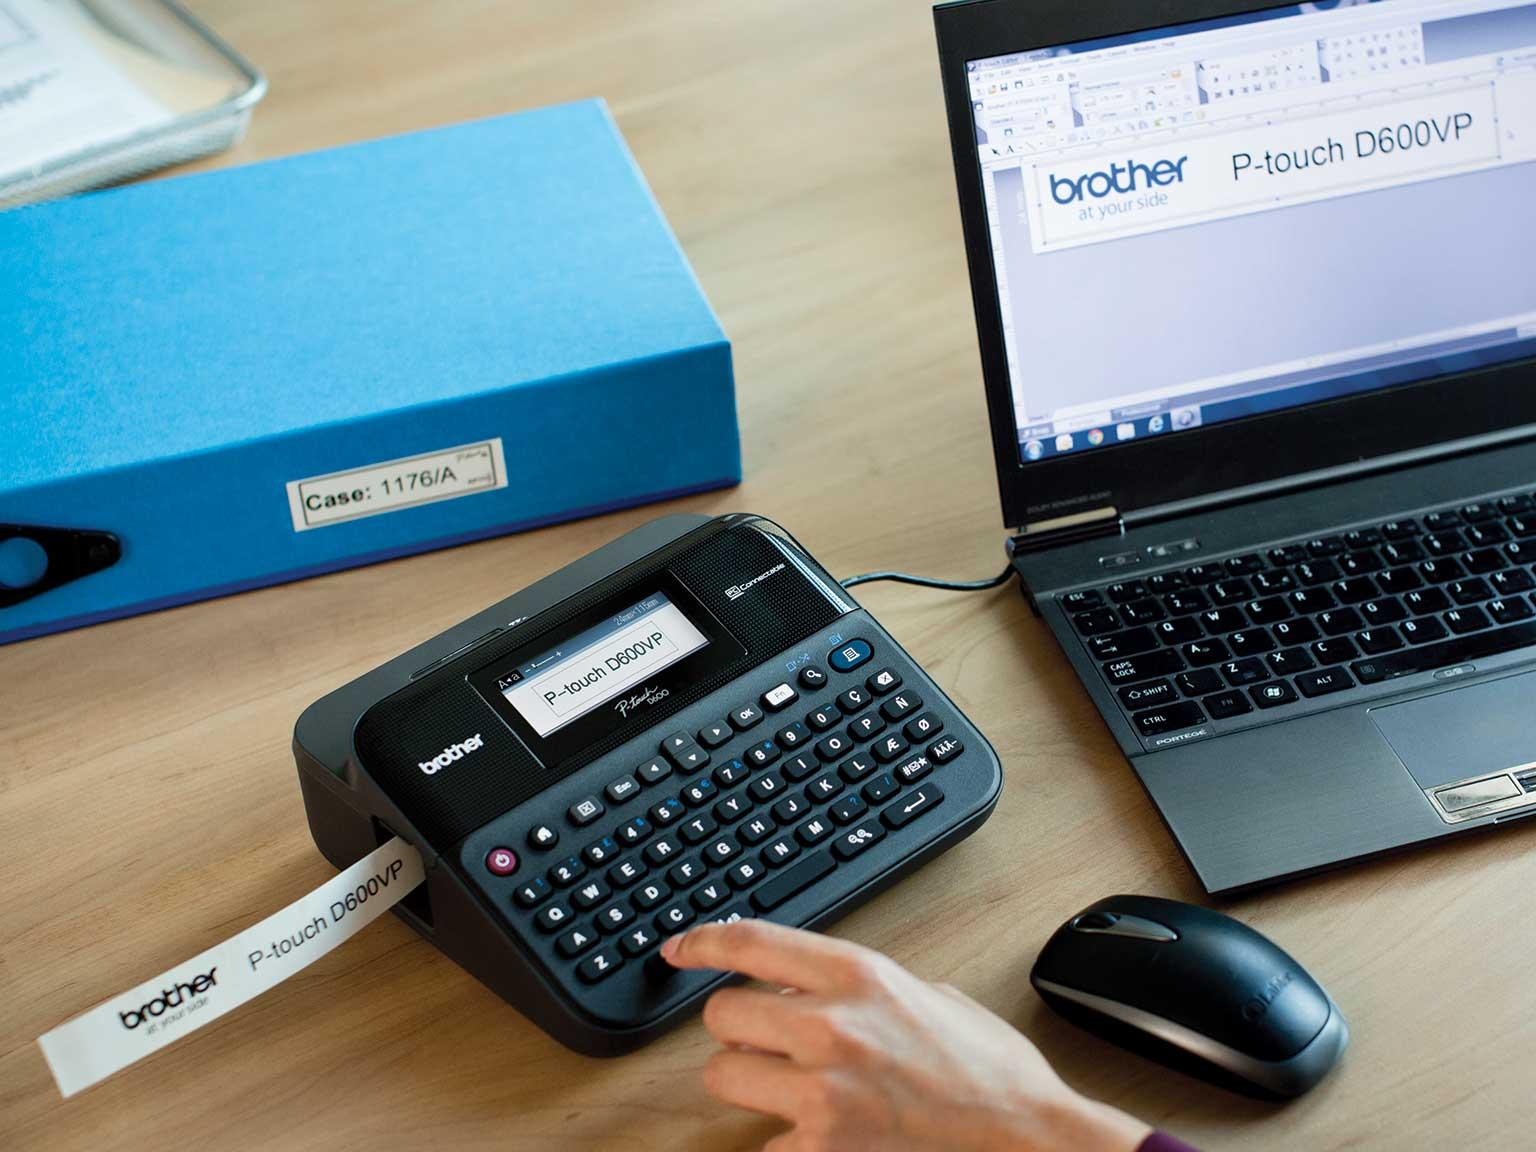 drukarke etykiet P-touch oferująca wytrzymałe naklejki stoi na biurku w biurzei jest podłączona do komputera